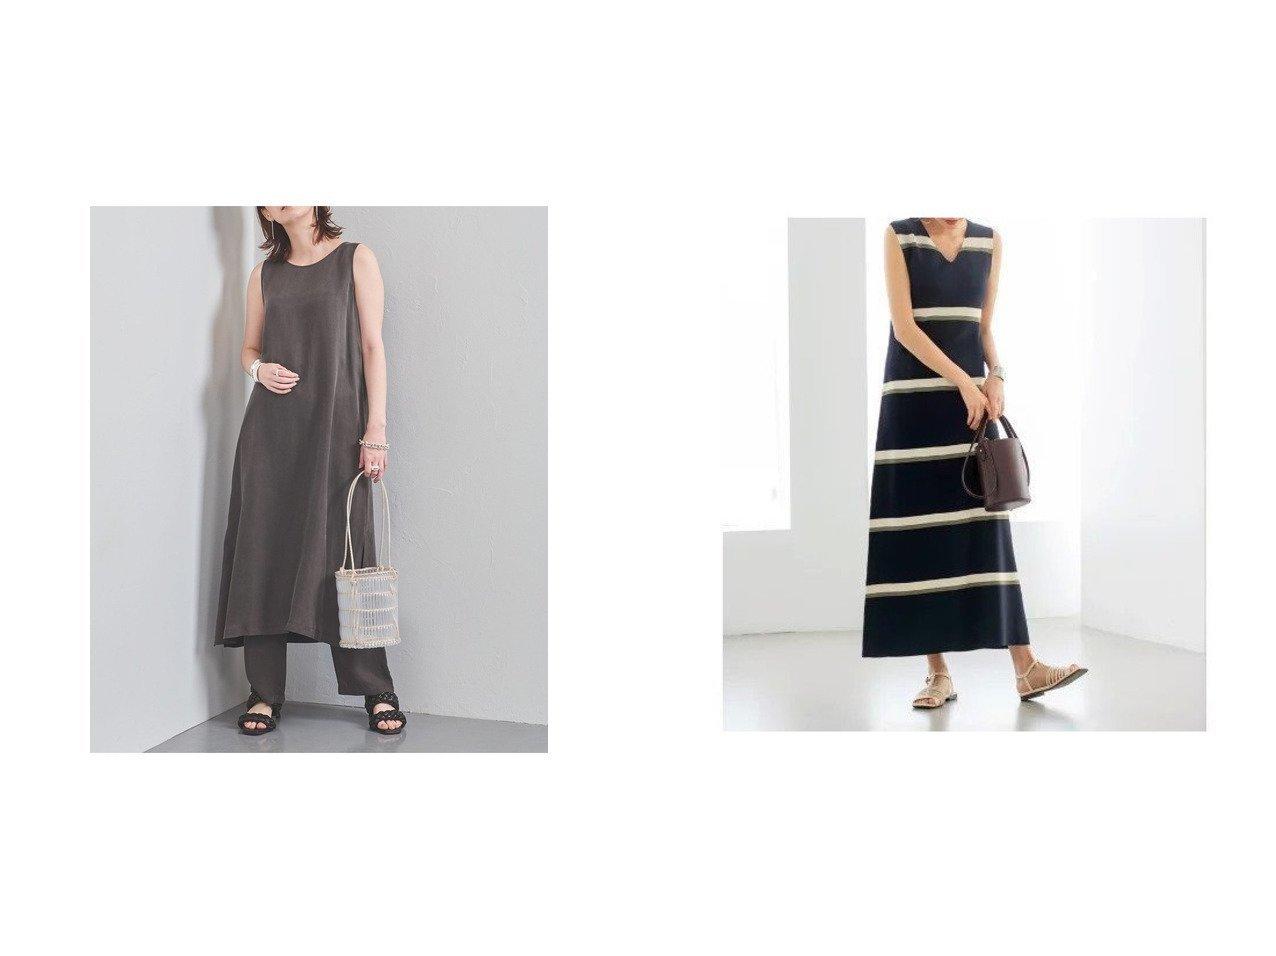 【UNITED ARROWS/ユナイテッドアローズ】のUBCC FIBRIL ノースリーブ ロングワンピース&【STYLE DELI/スタイルデリ】の涼感サマーニットボーダーロングワンピース 【ワンピース・ドレス】おすすめ!人気、トレンド・レディースファッションの通販 おすすめで人気の流行・トレンド、ファッションの通販商品 インテリア・家具・メンズファッション・キッズファッション・レディースファッション・服の通販 founy(ファニー) https://founy.com/ ファッション Fashion レディースファッション WOMEN ワンピース Dress ニットワンピース Knit Dresses エレガント くるぶし サマー スリム 定番 Standard ノースリーブ 人気 フィット ペチコート ボーダー ポケット マキシ ロング 夏 Summer おすすめ Recommend セットアップ ドレープ リラックス |ID:crp329100000048705